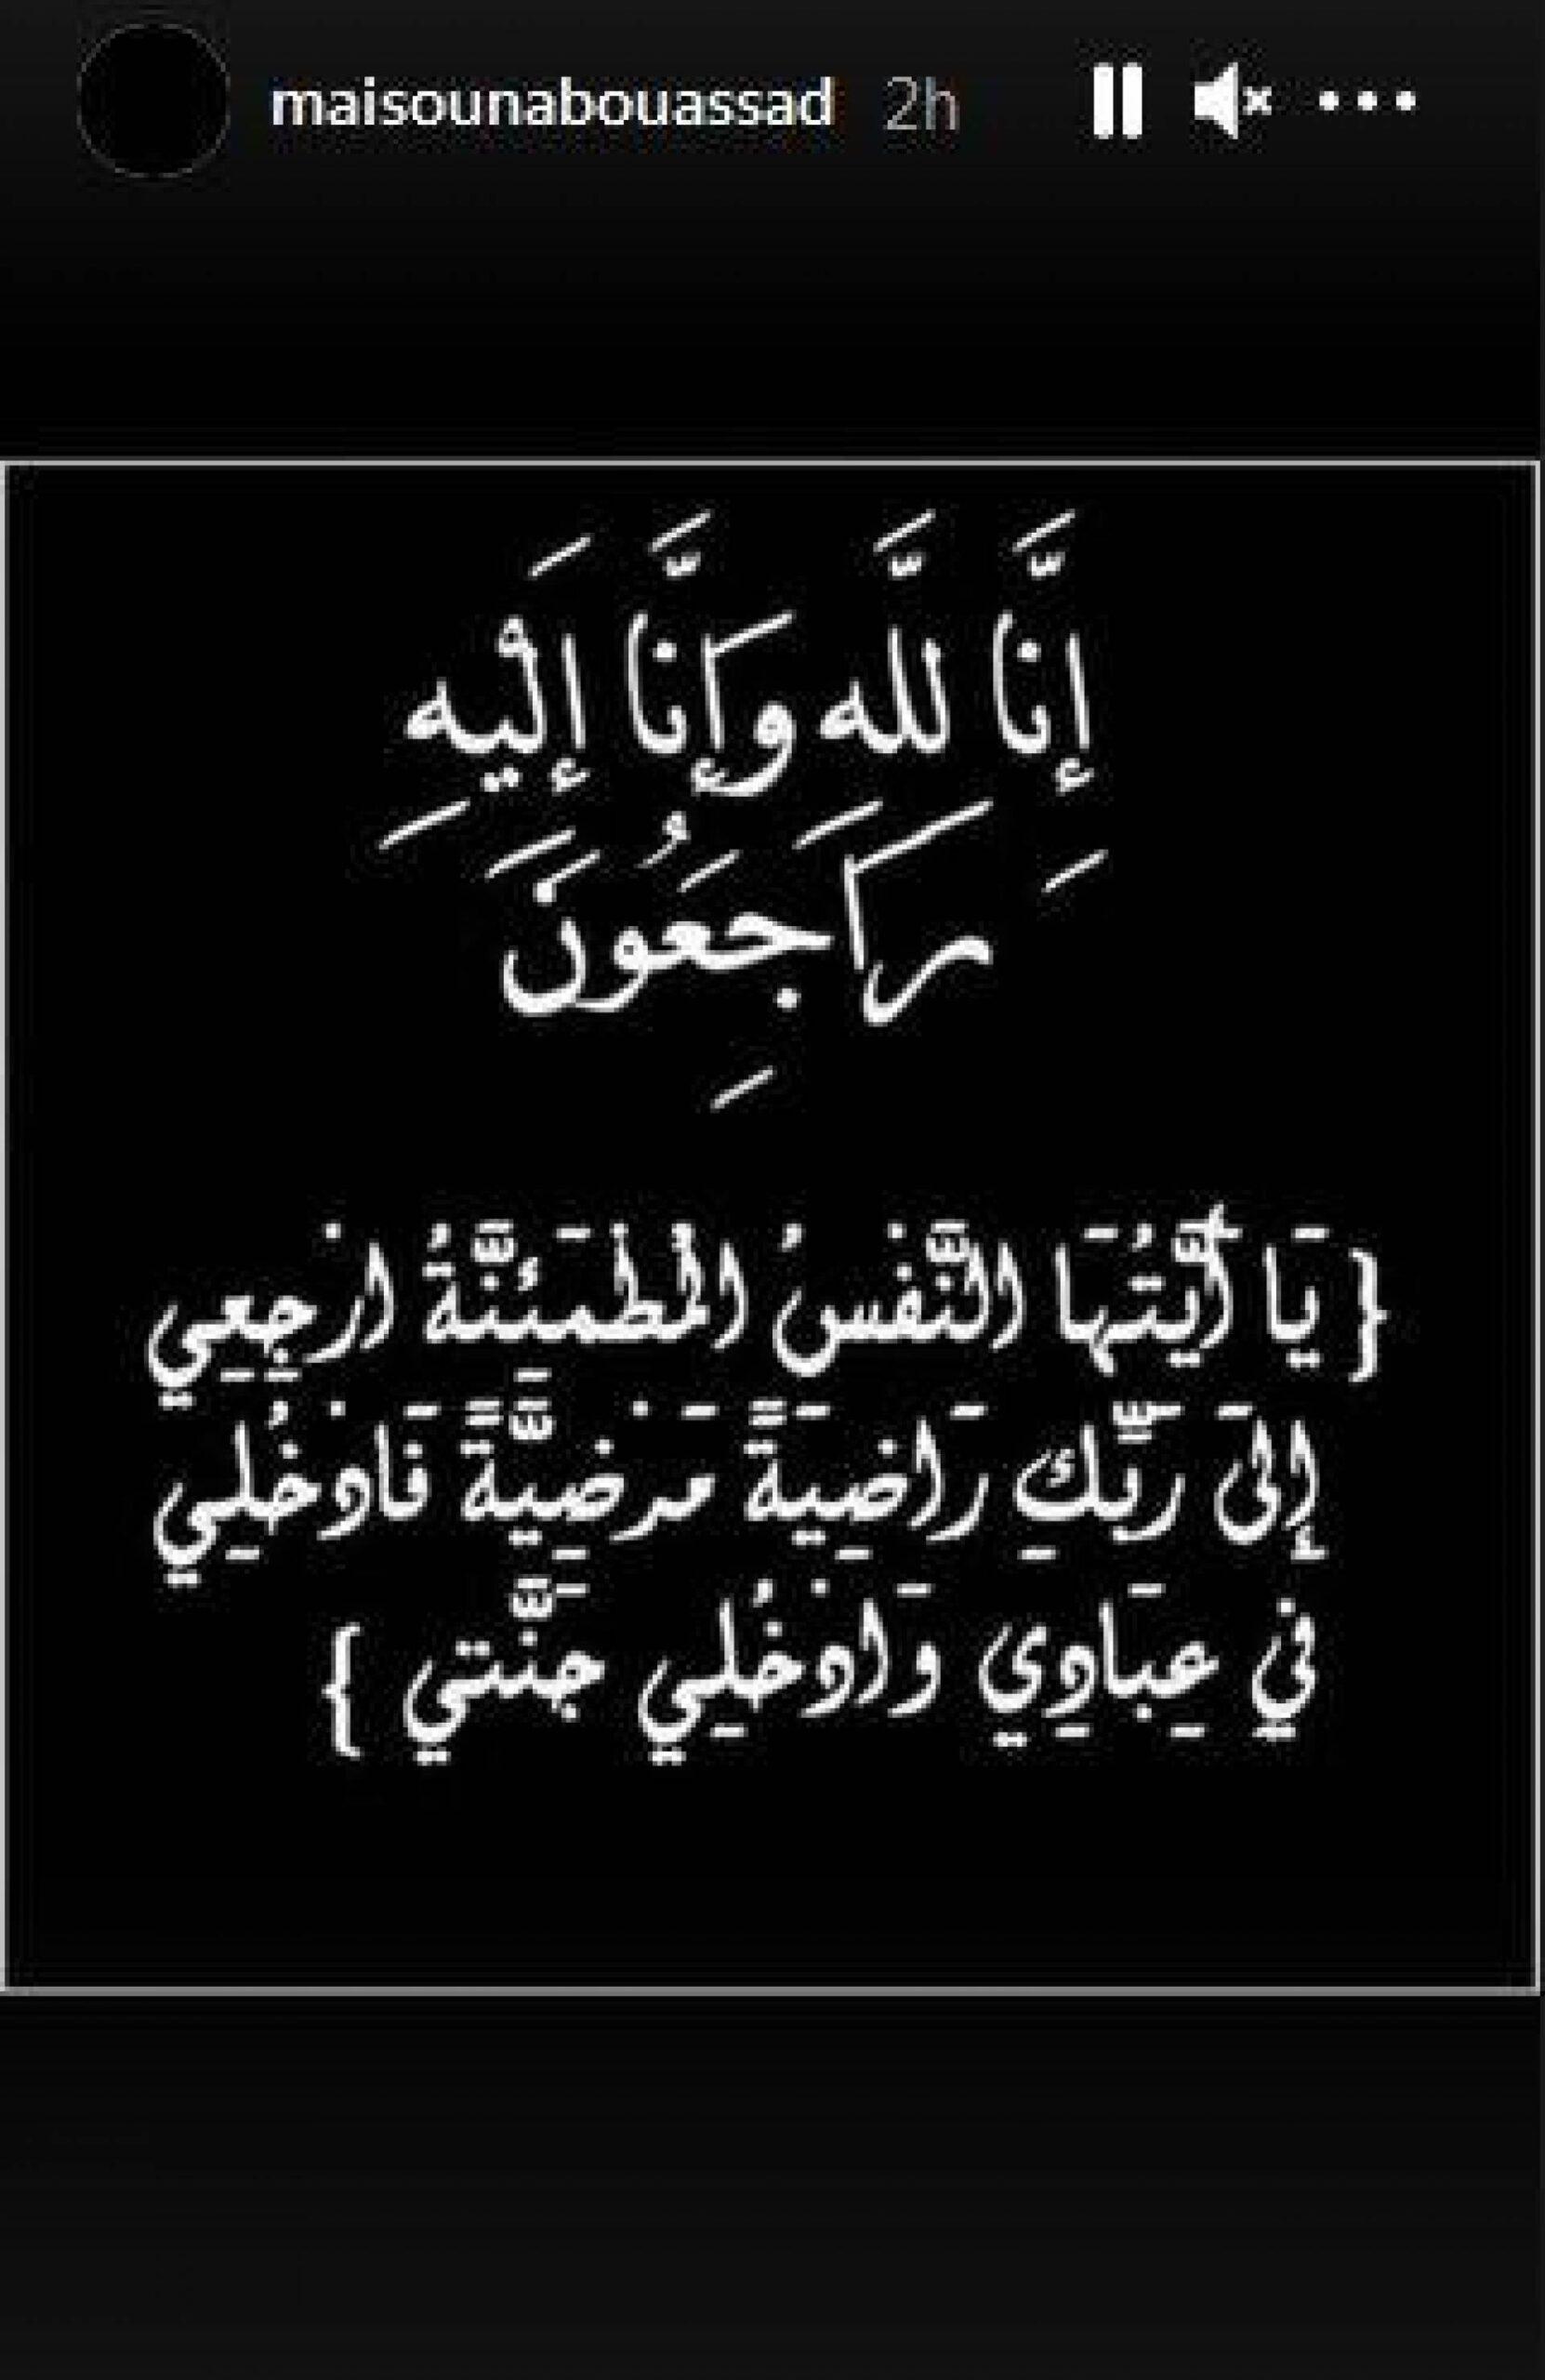 الموت يفجع لورا وميسون أبو سعد